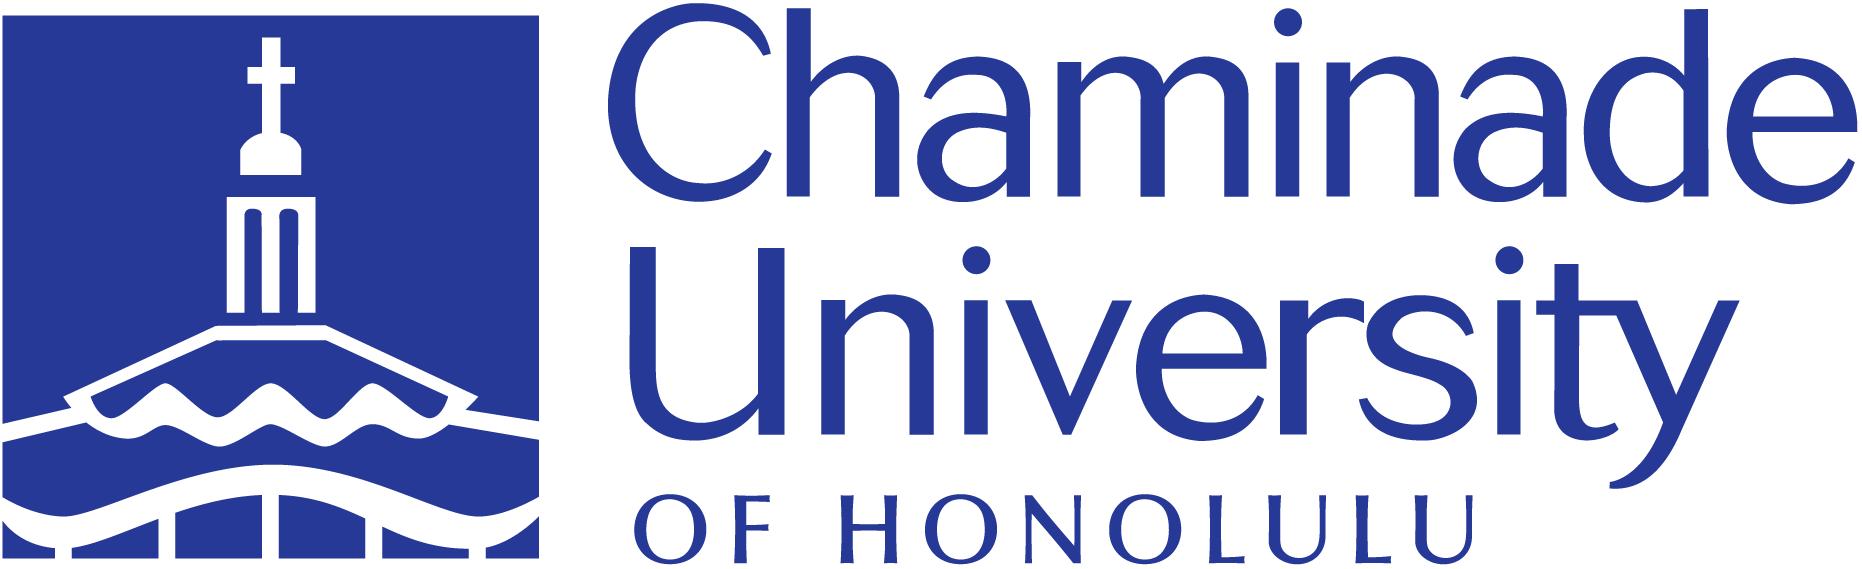 Chaminade University